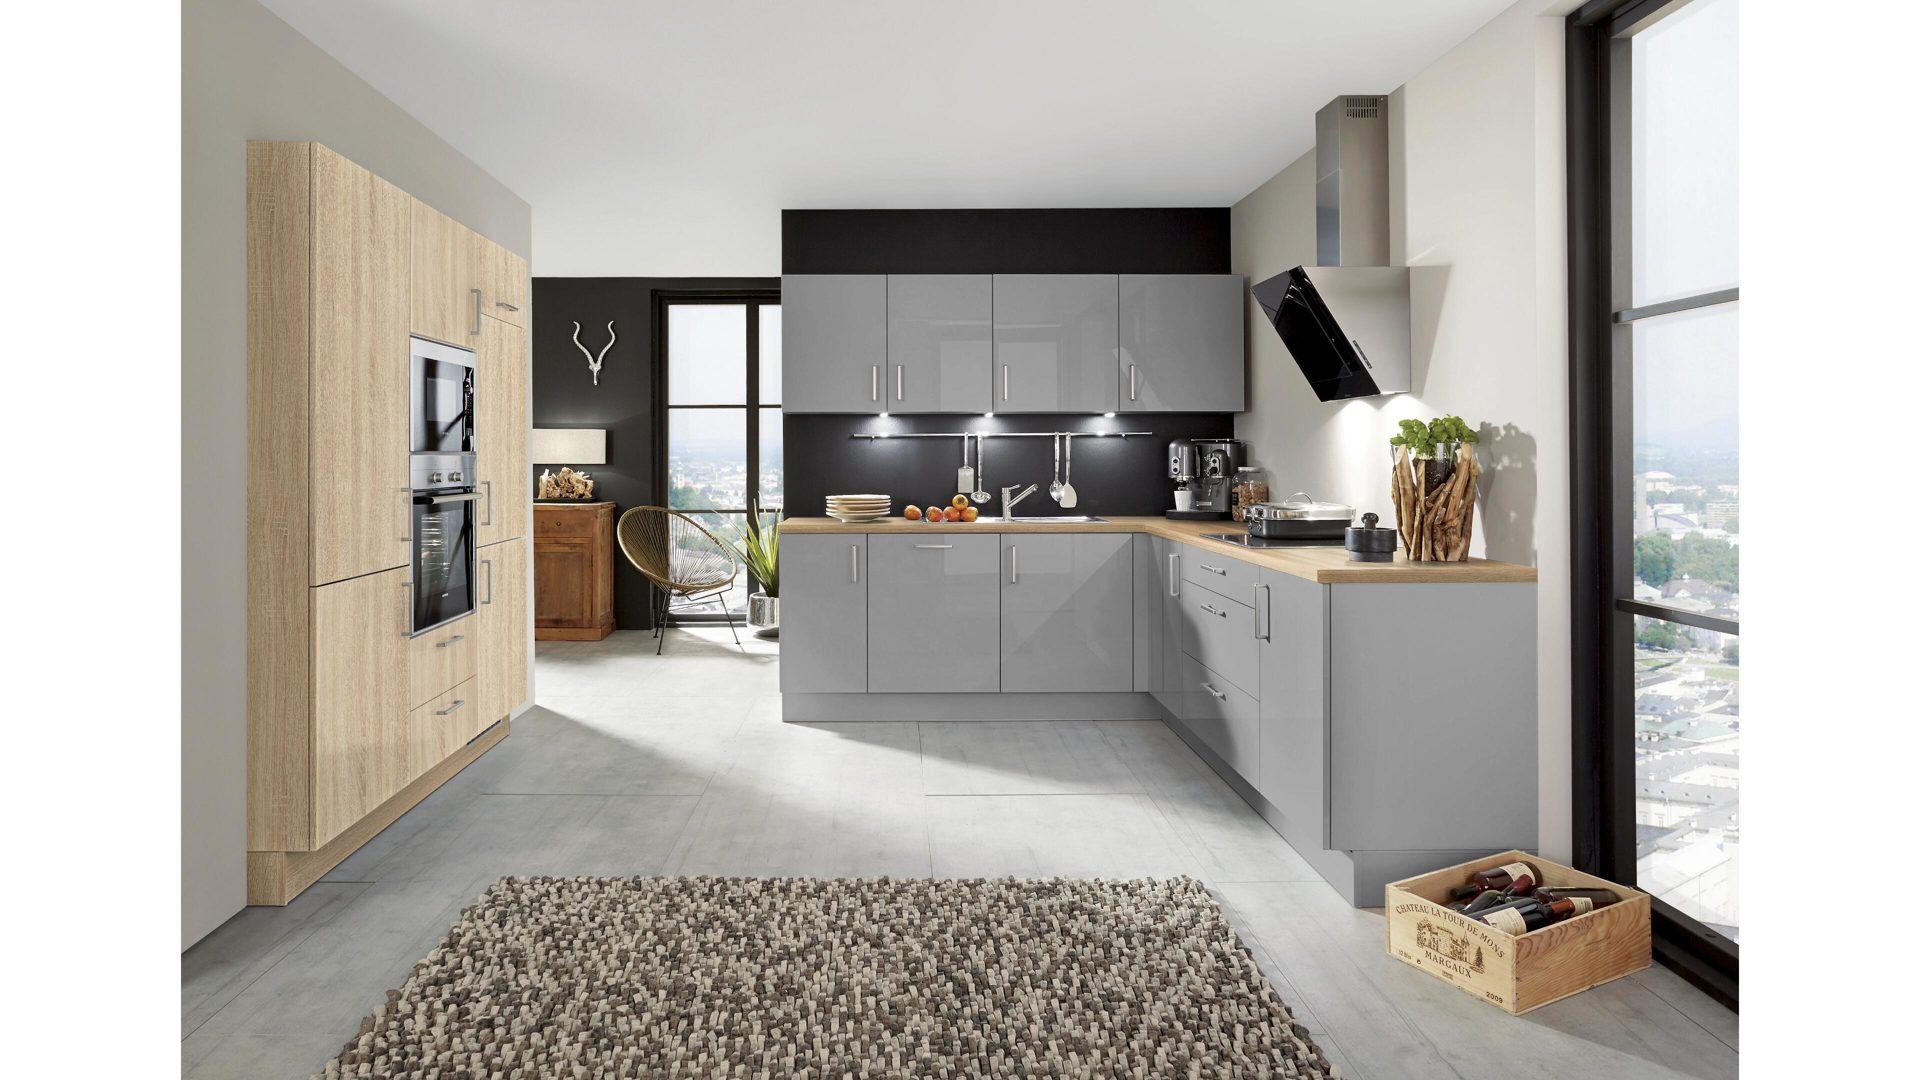 Sehr Möbel Eilers Apen, Räume, Küche, Einbauküche, Einbauküche FO07